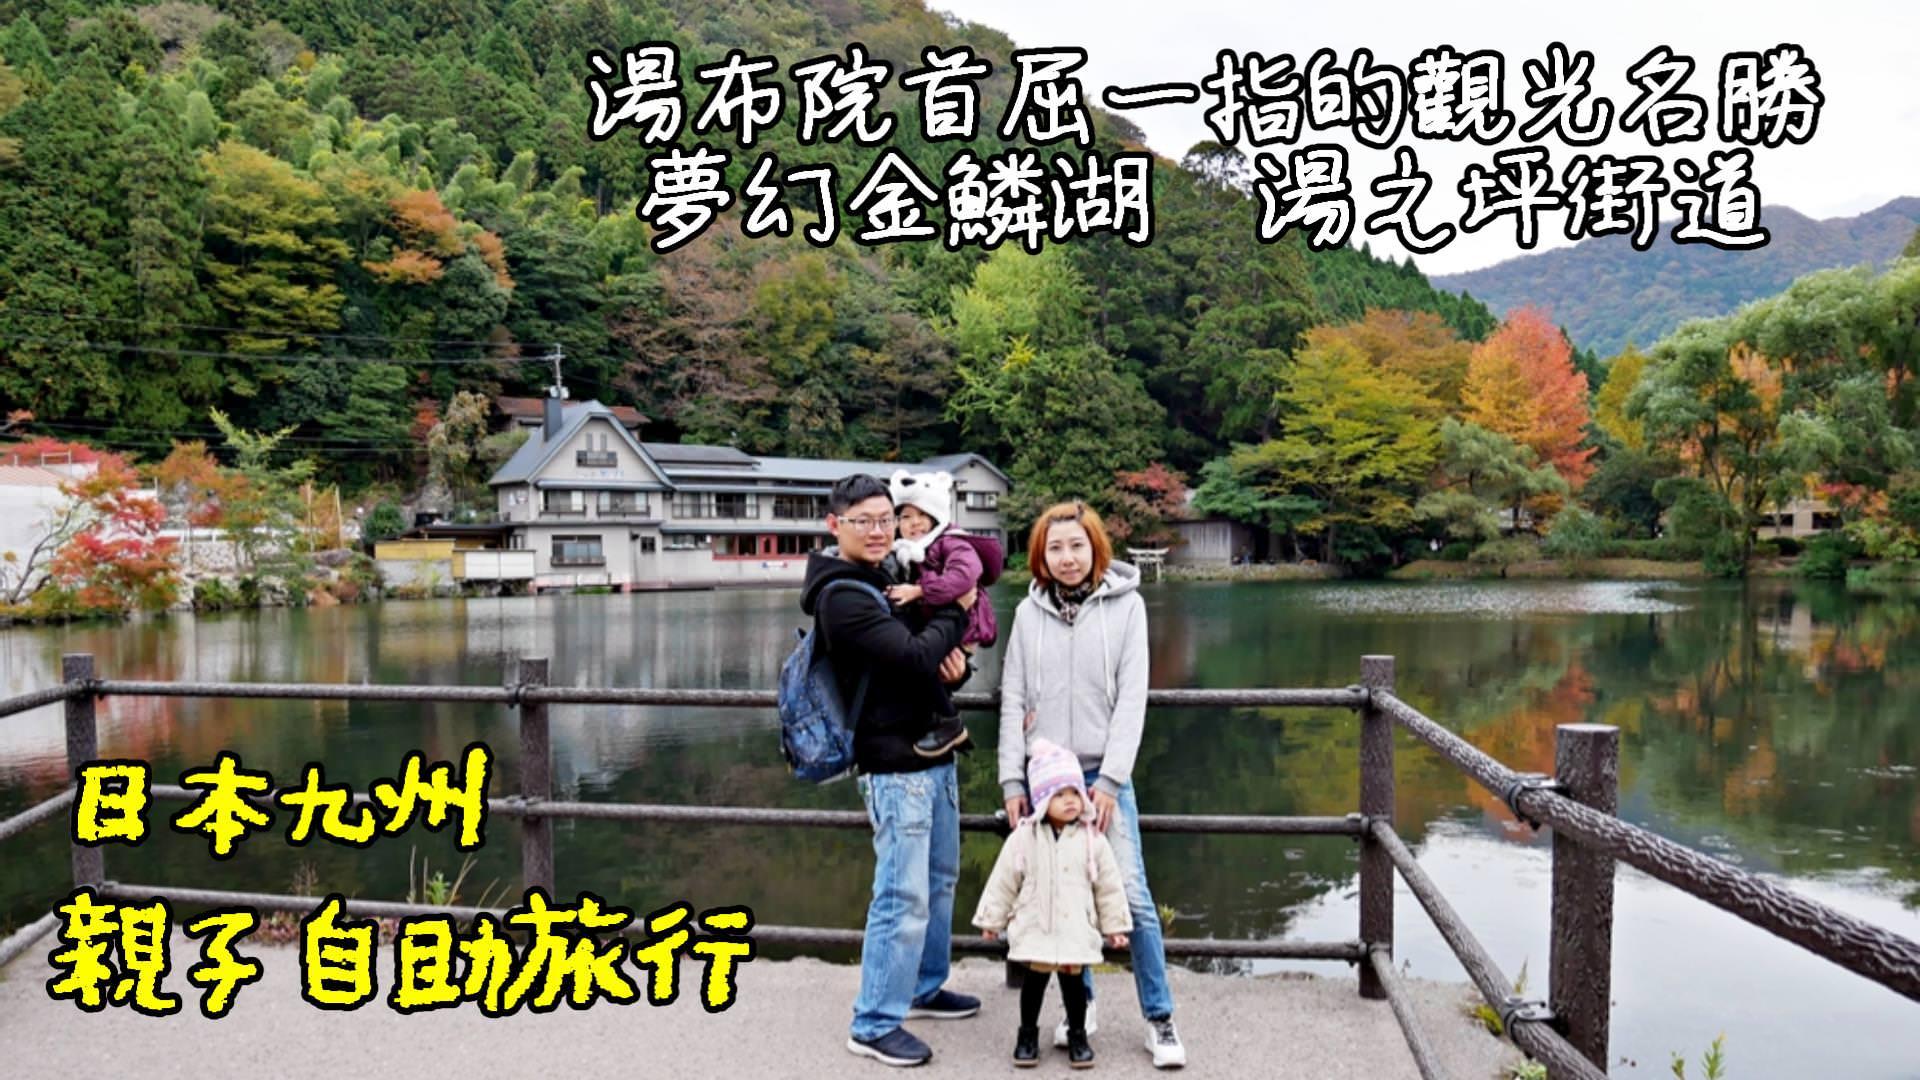 [景點] 九州自由行 湯布院首屈一指的觀光名勝 夢幻金鱗湖 湯之坪街道 歐洲童話村